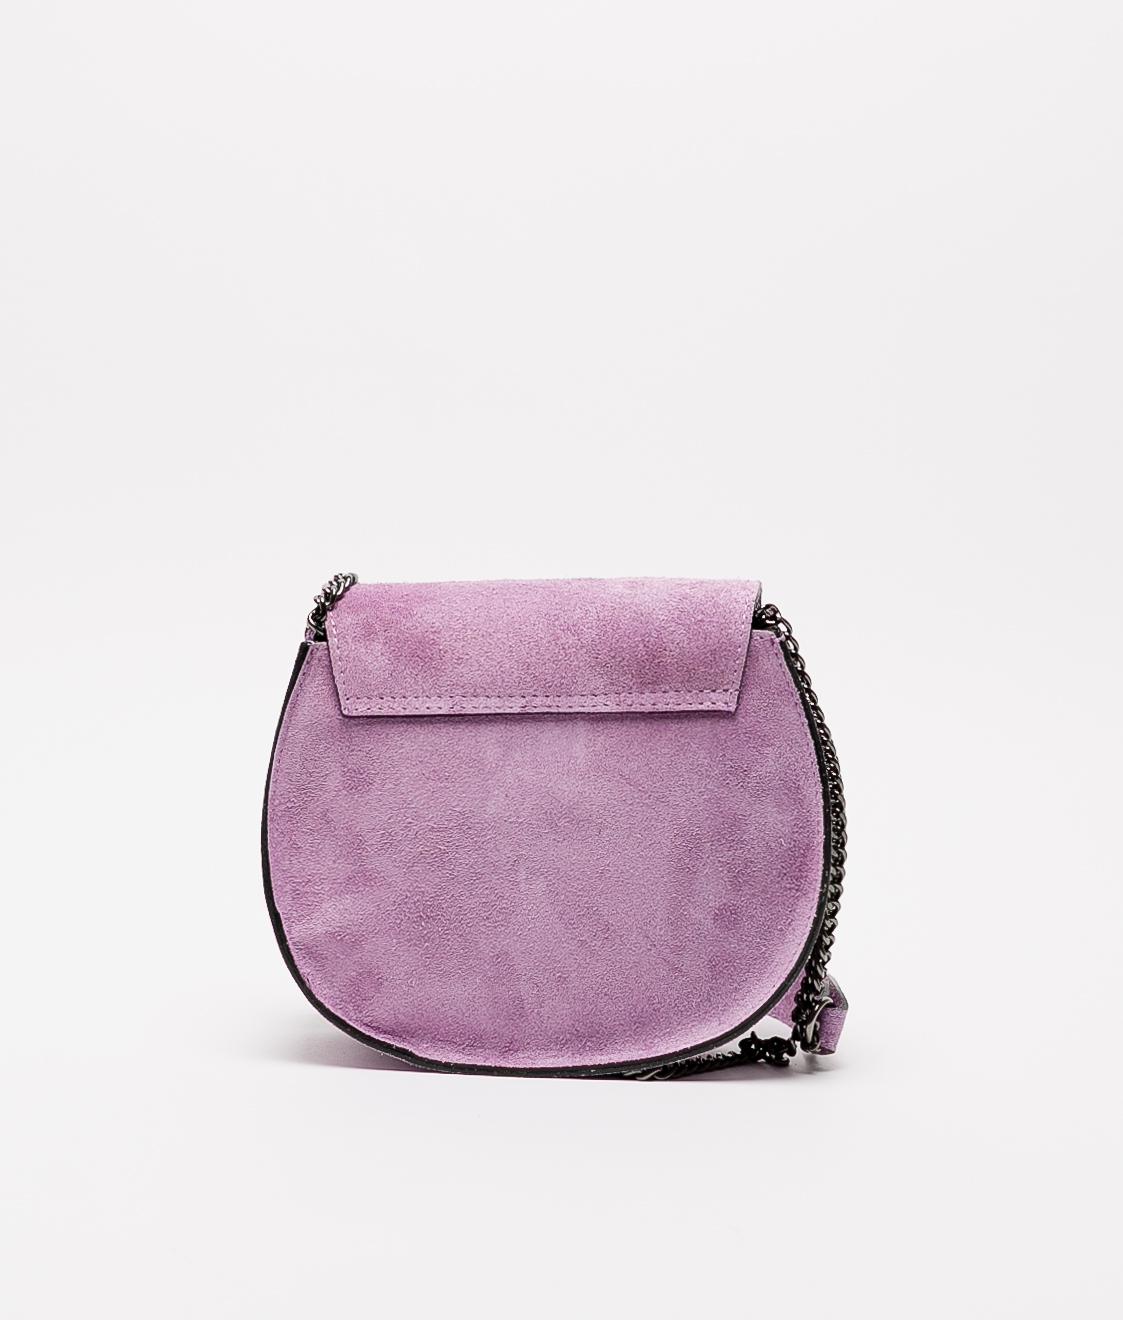 Bandolera de piel Adele - violette